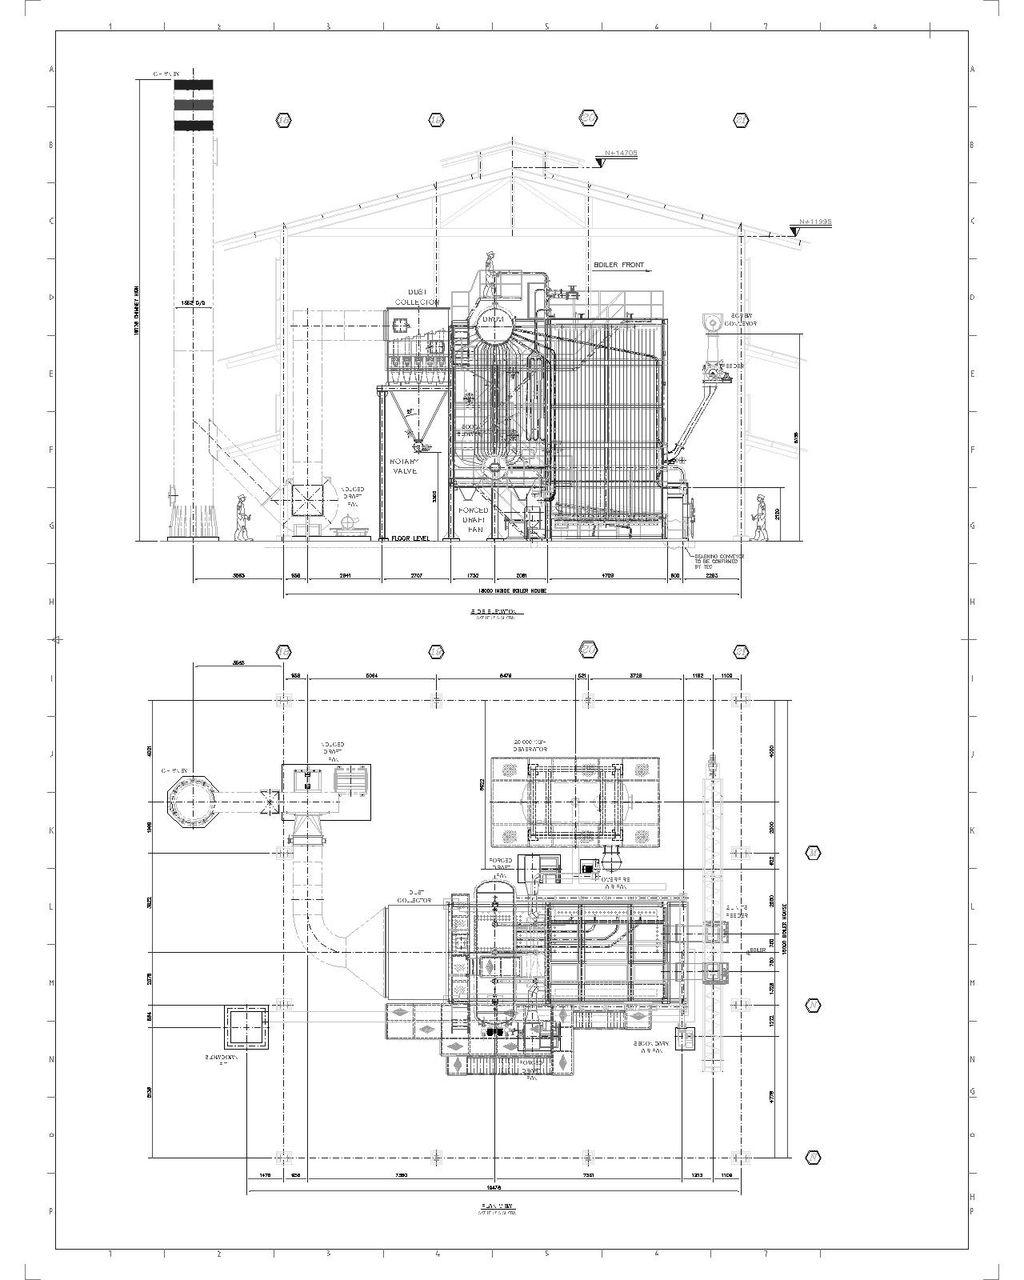 Mecdesigncol planos dise o maquinas tuberias ingenieria for Planos ingenieria civil